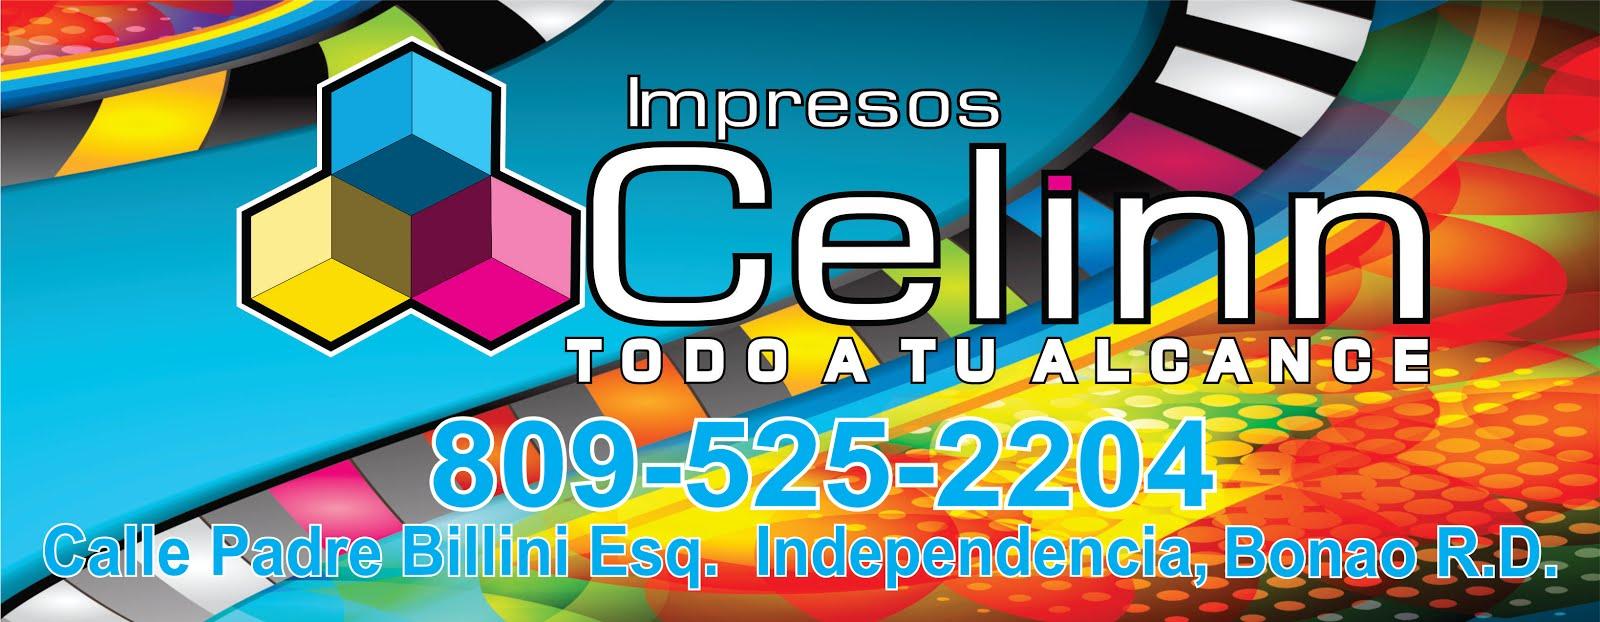 IMPRESOS CELINN, TELEF. 809-525-2204